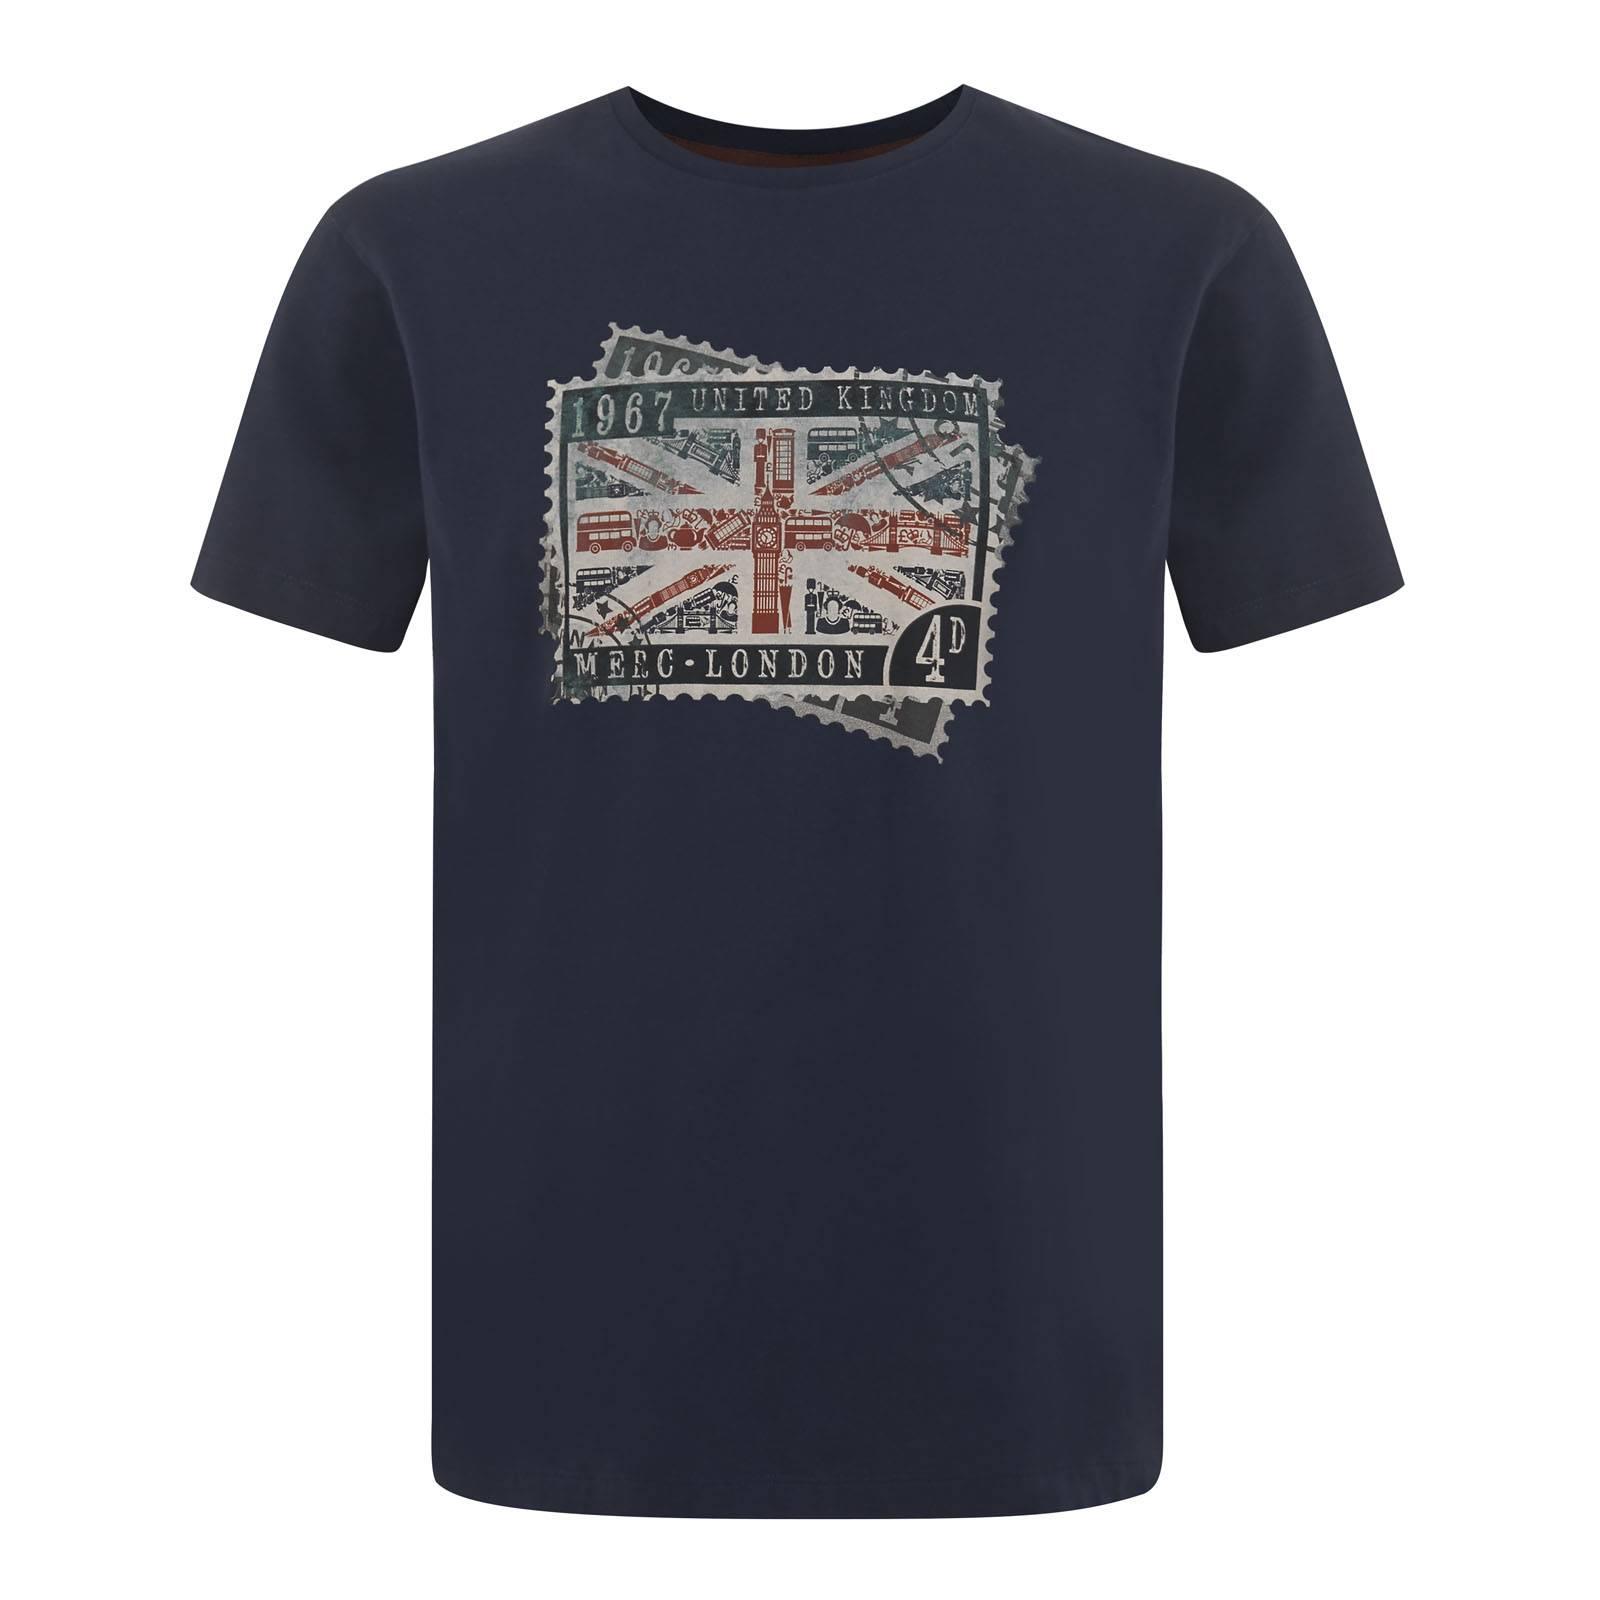 Футболка GraylonФутболки<br>Мужская приталенная футболка из мягкой и эластичной хлопчатобумажной ткани Джерси. Устойчивый к износу эффектный принт, нанесенный методом высококачественной шелкографии, изображает старинную почтовую марку Королевской Почты Великобритании с поп-арт коллажем Юнион Джека, собранным из традиционных символов UK и британской столицы, к которым дизайнеры нескромно относят и Merc.<br><br>Артикул: 1715208<br>Материал: 100% хлопок<br>Цвет: темно-синий<br>Пол: Мужской